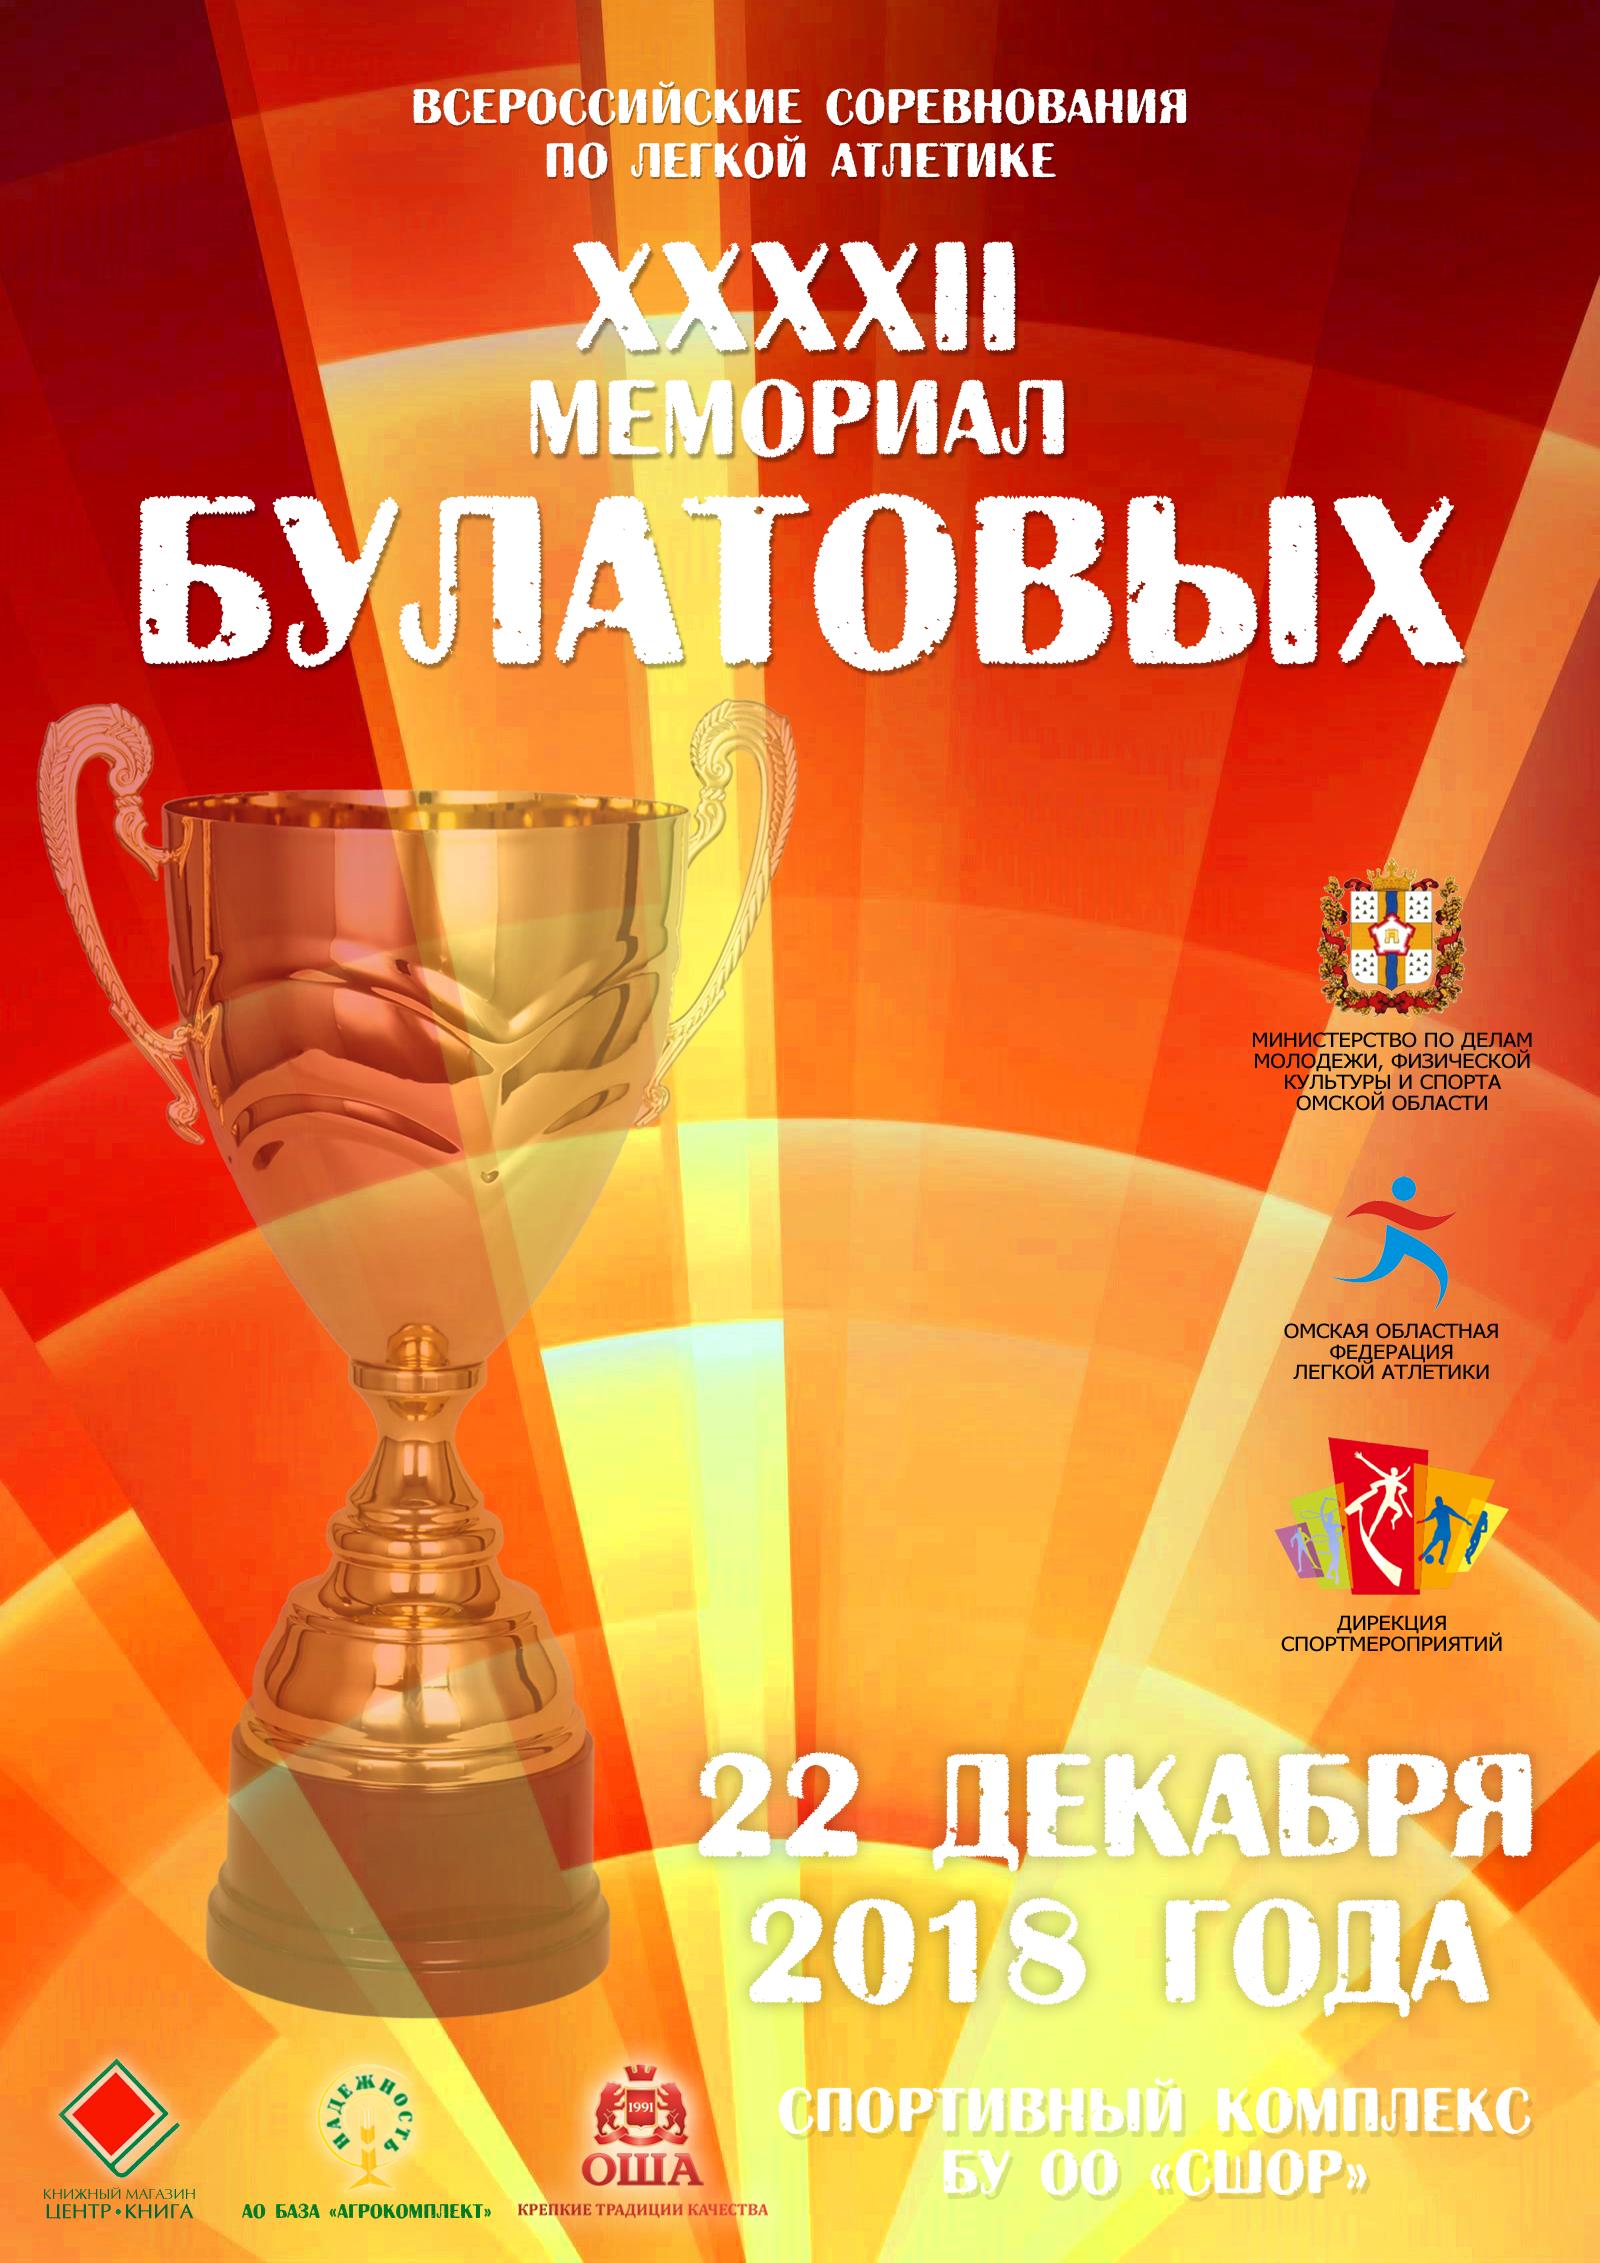 Серебряная медаль «Мемориала Булатовых»